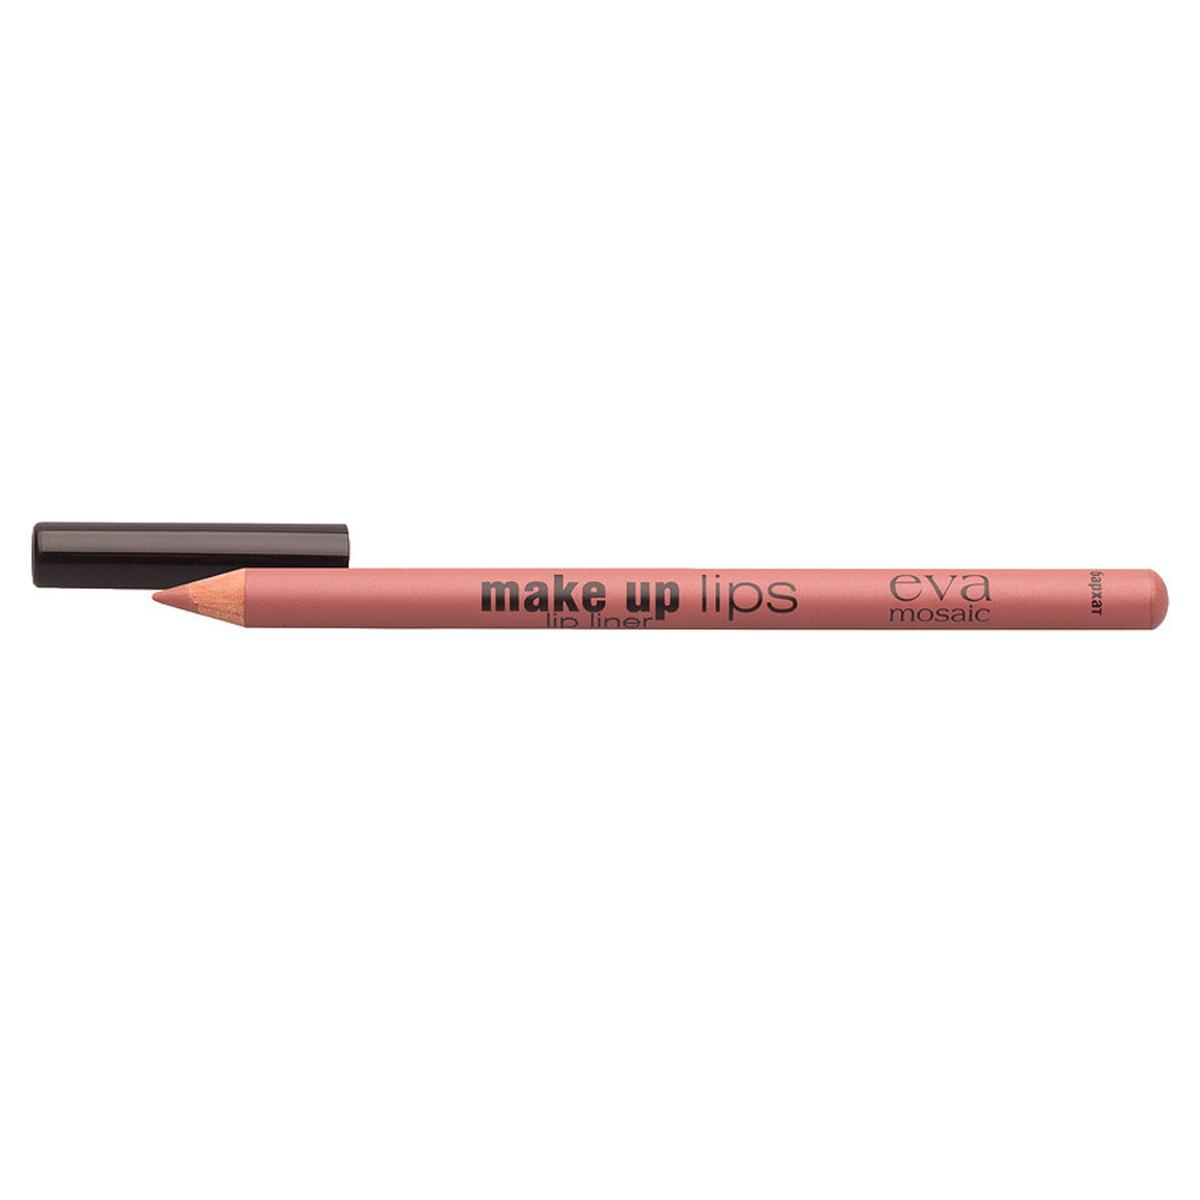 Eva Mosaic Карандаш для объема губ Make Up Lips, 1,1 г, Бархат28032022Мягкий карандаш для губ создает четкий контур и подчеркивает цвет помады- комфортно наносится- содержит воски и питательные вещества для дополнительного ухода- не стирается и не размазывается в течение дня